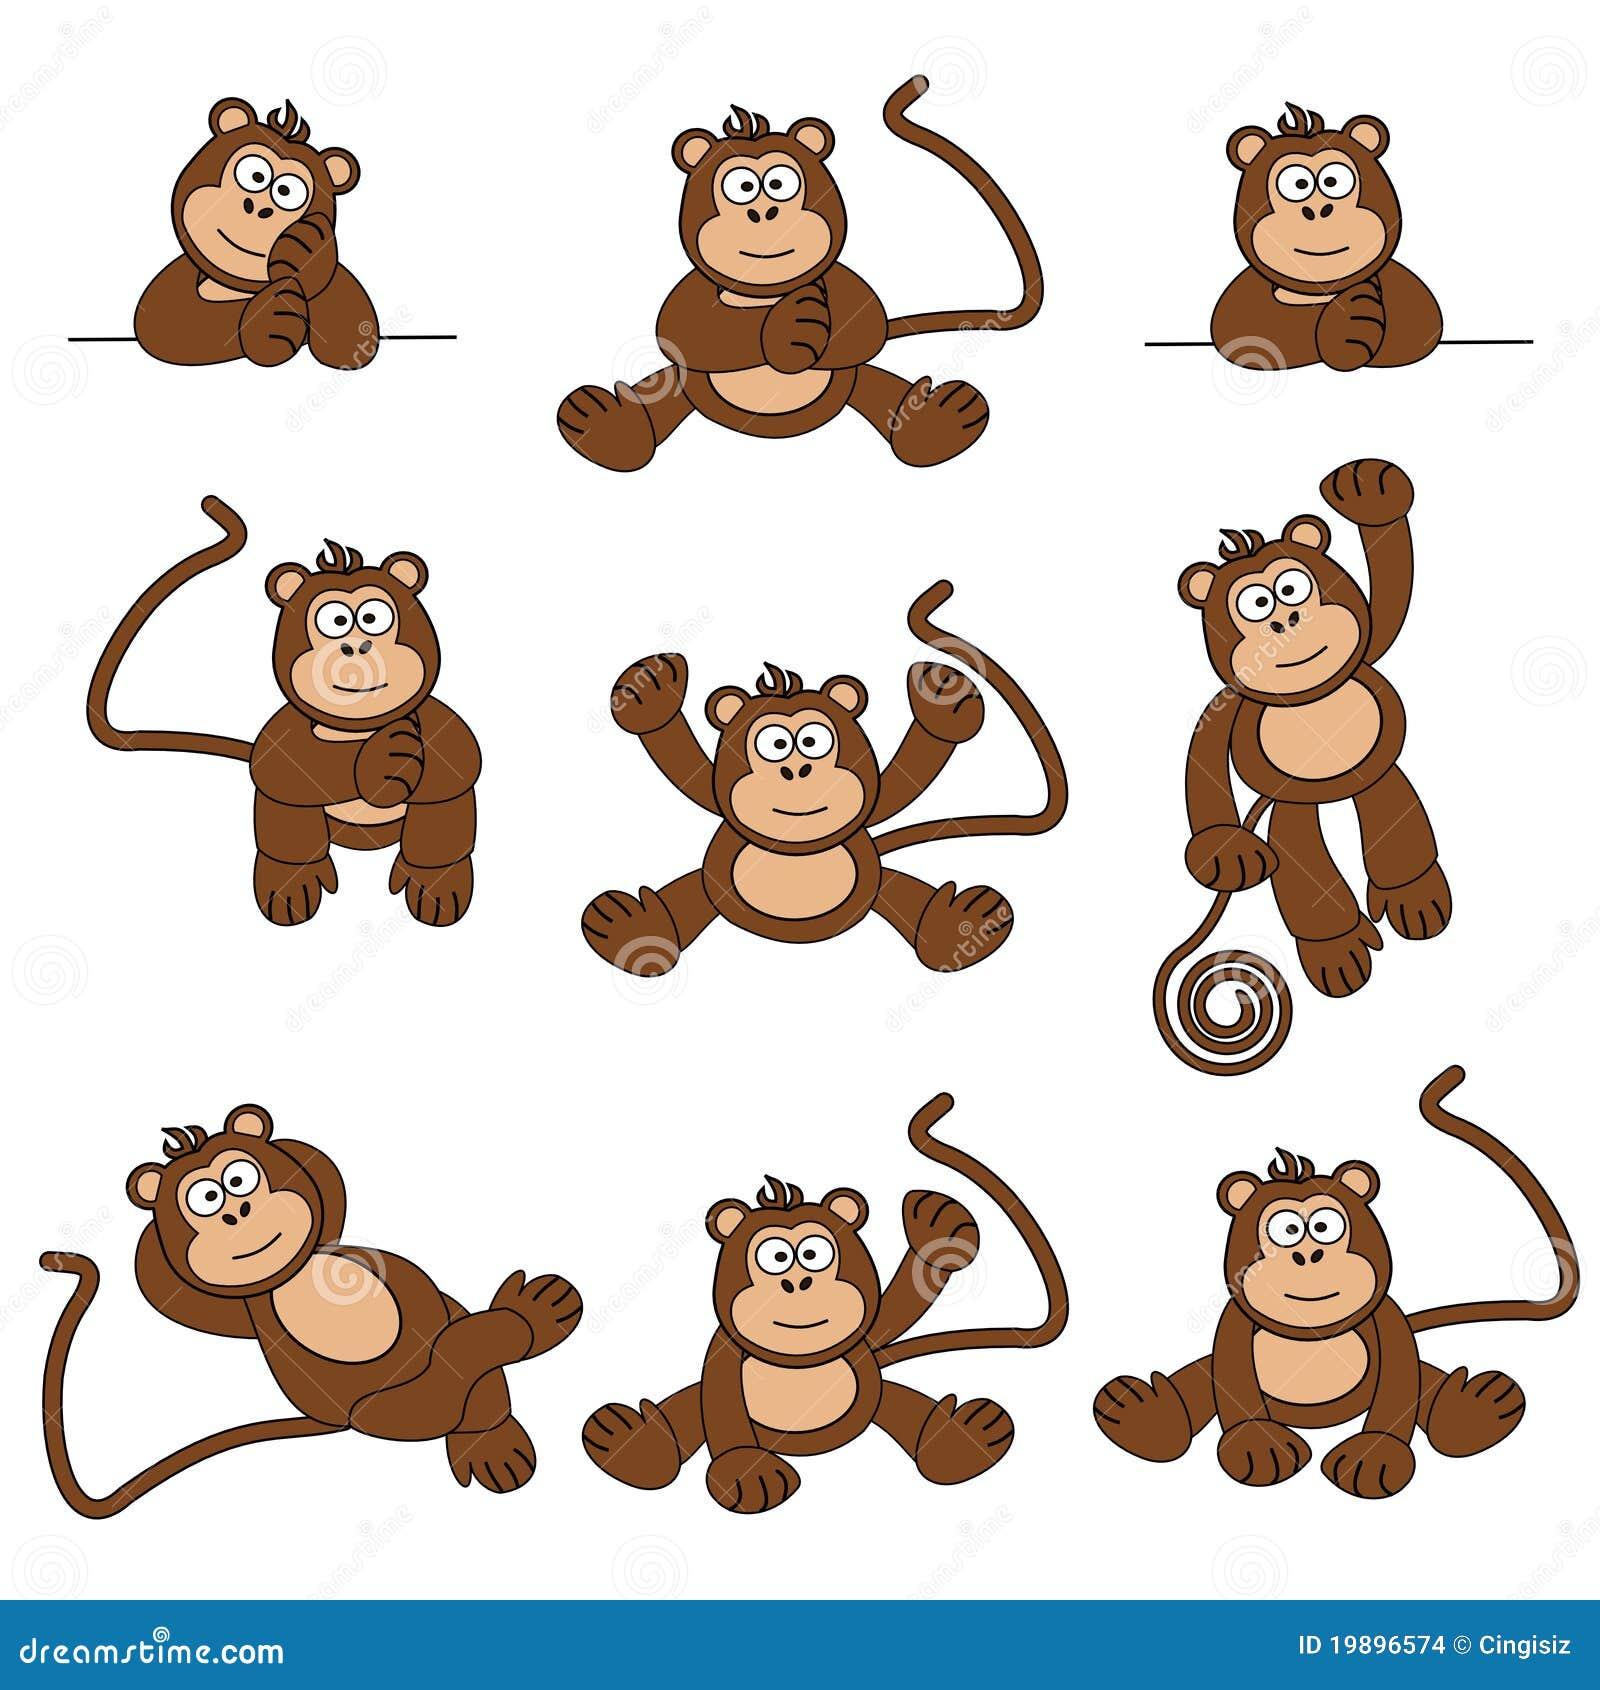 Cheeky Monkey is Seeking Adventurous Crew